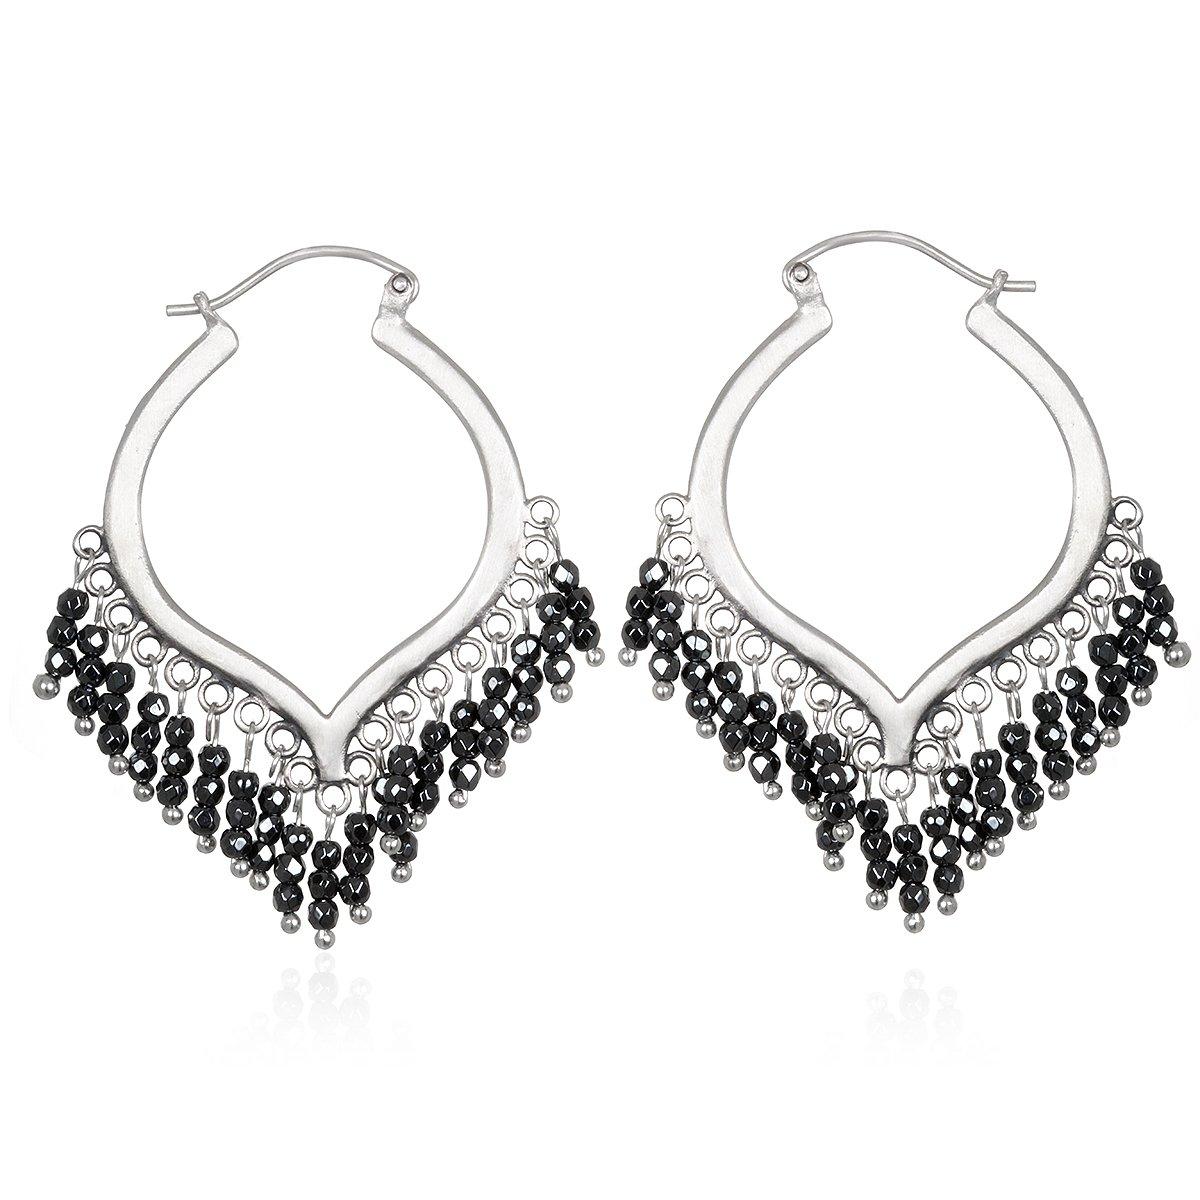 Satya Jewelry Hematite Sterling Silver Chandelier Hoop Earrings